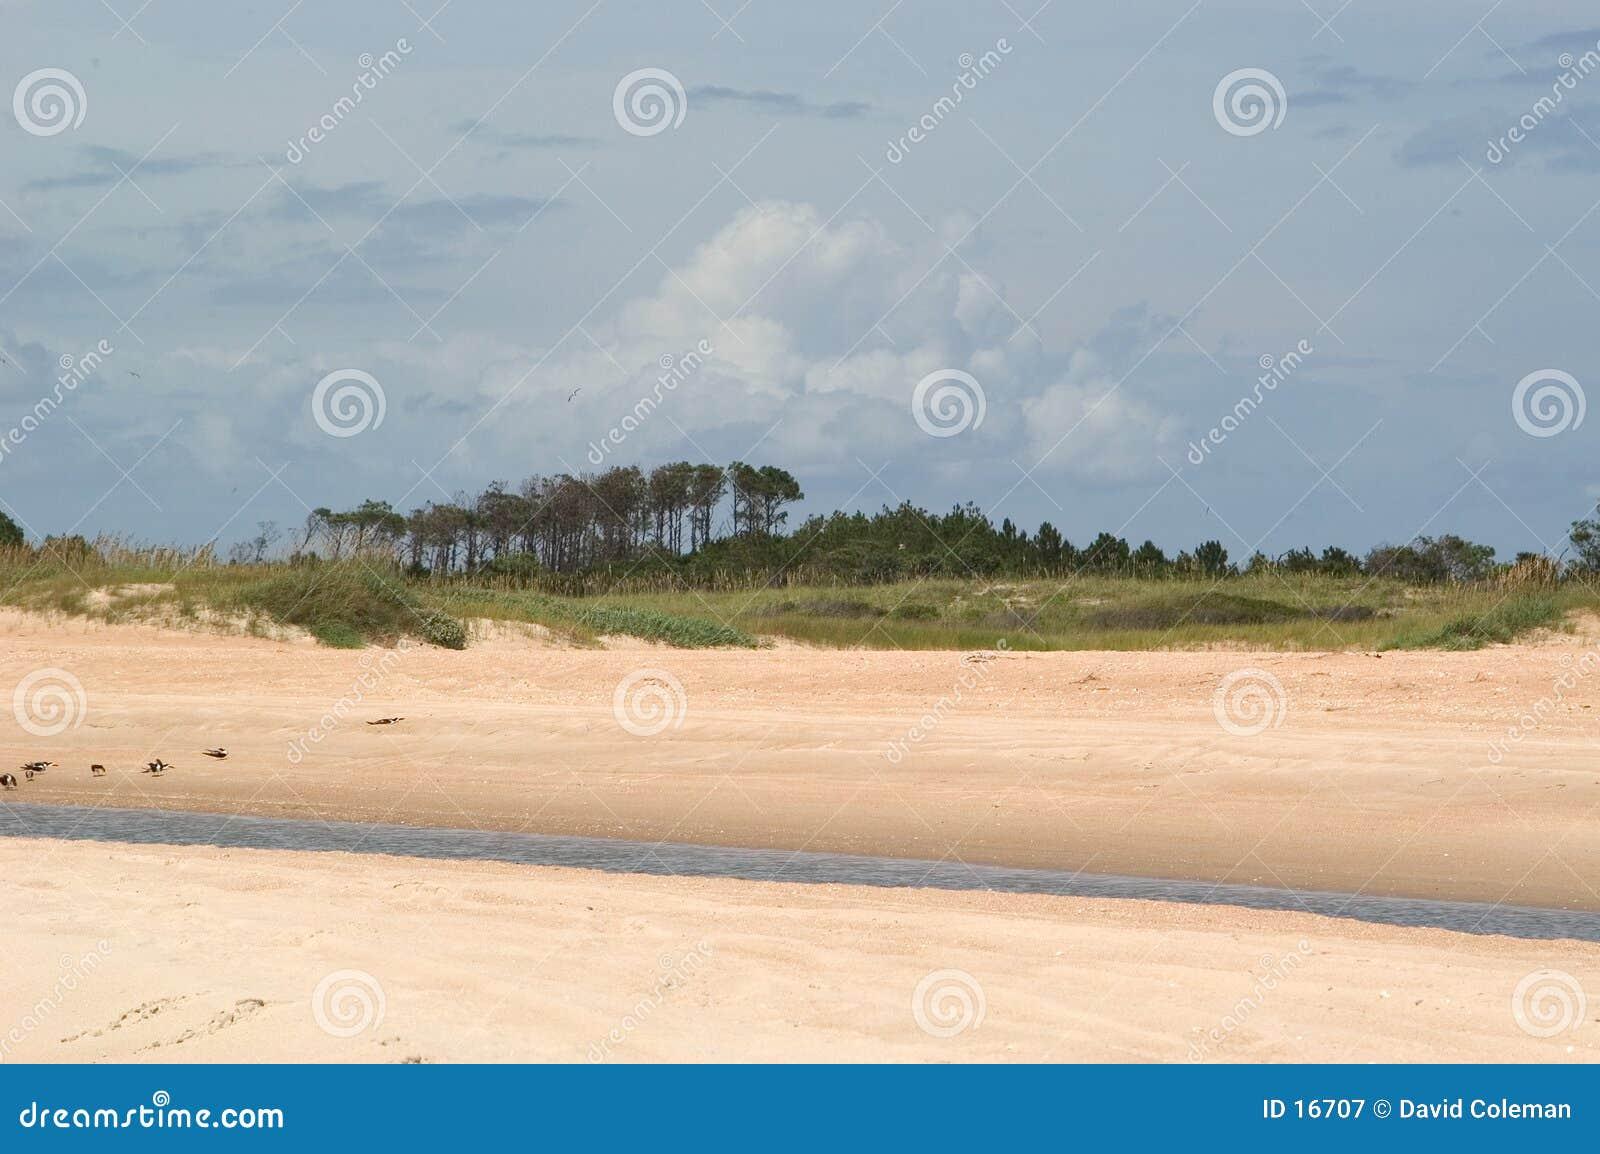 Strand mit Bäumen und Gezeiten- Strom